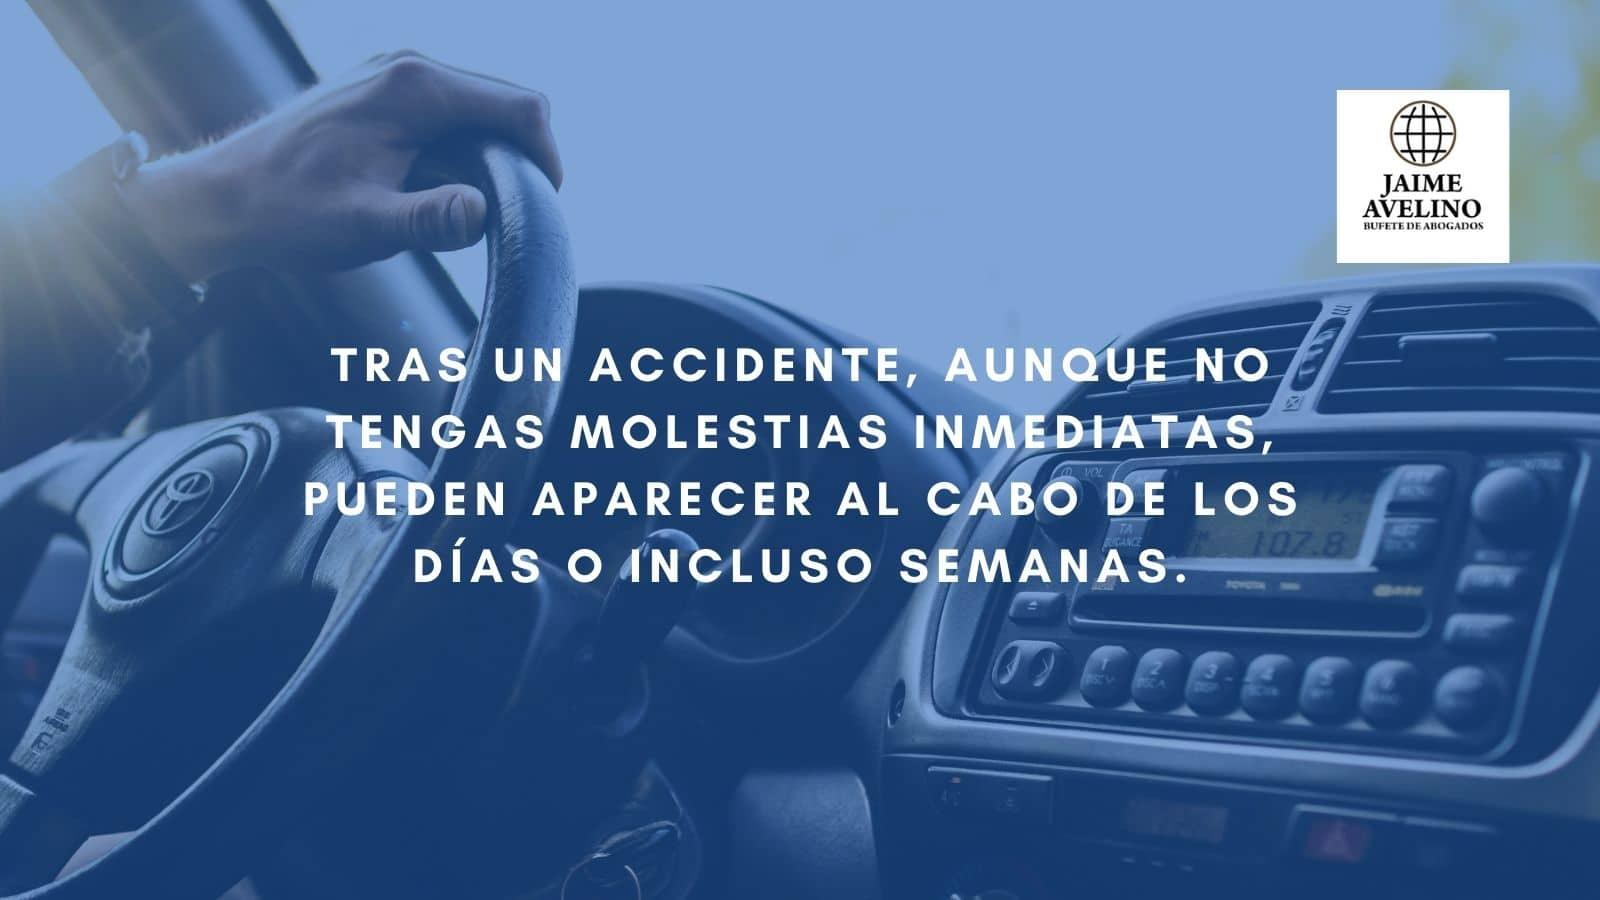 Tras un accidente, aunque no tengas molestias inmediatas, pueden aparecer al cabo de los días o incluso semanas.